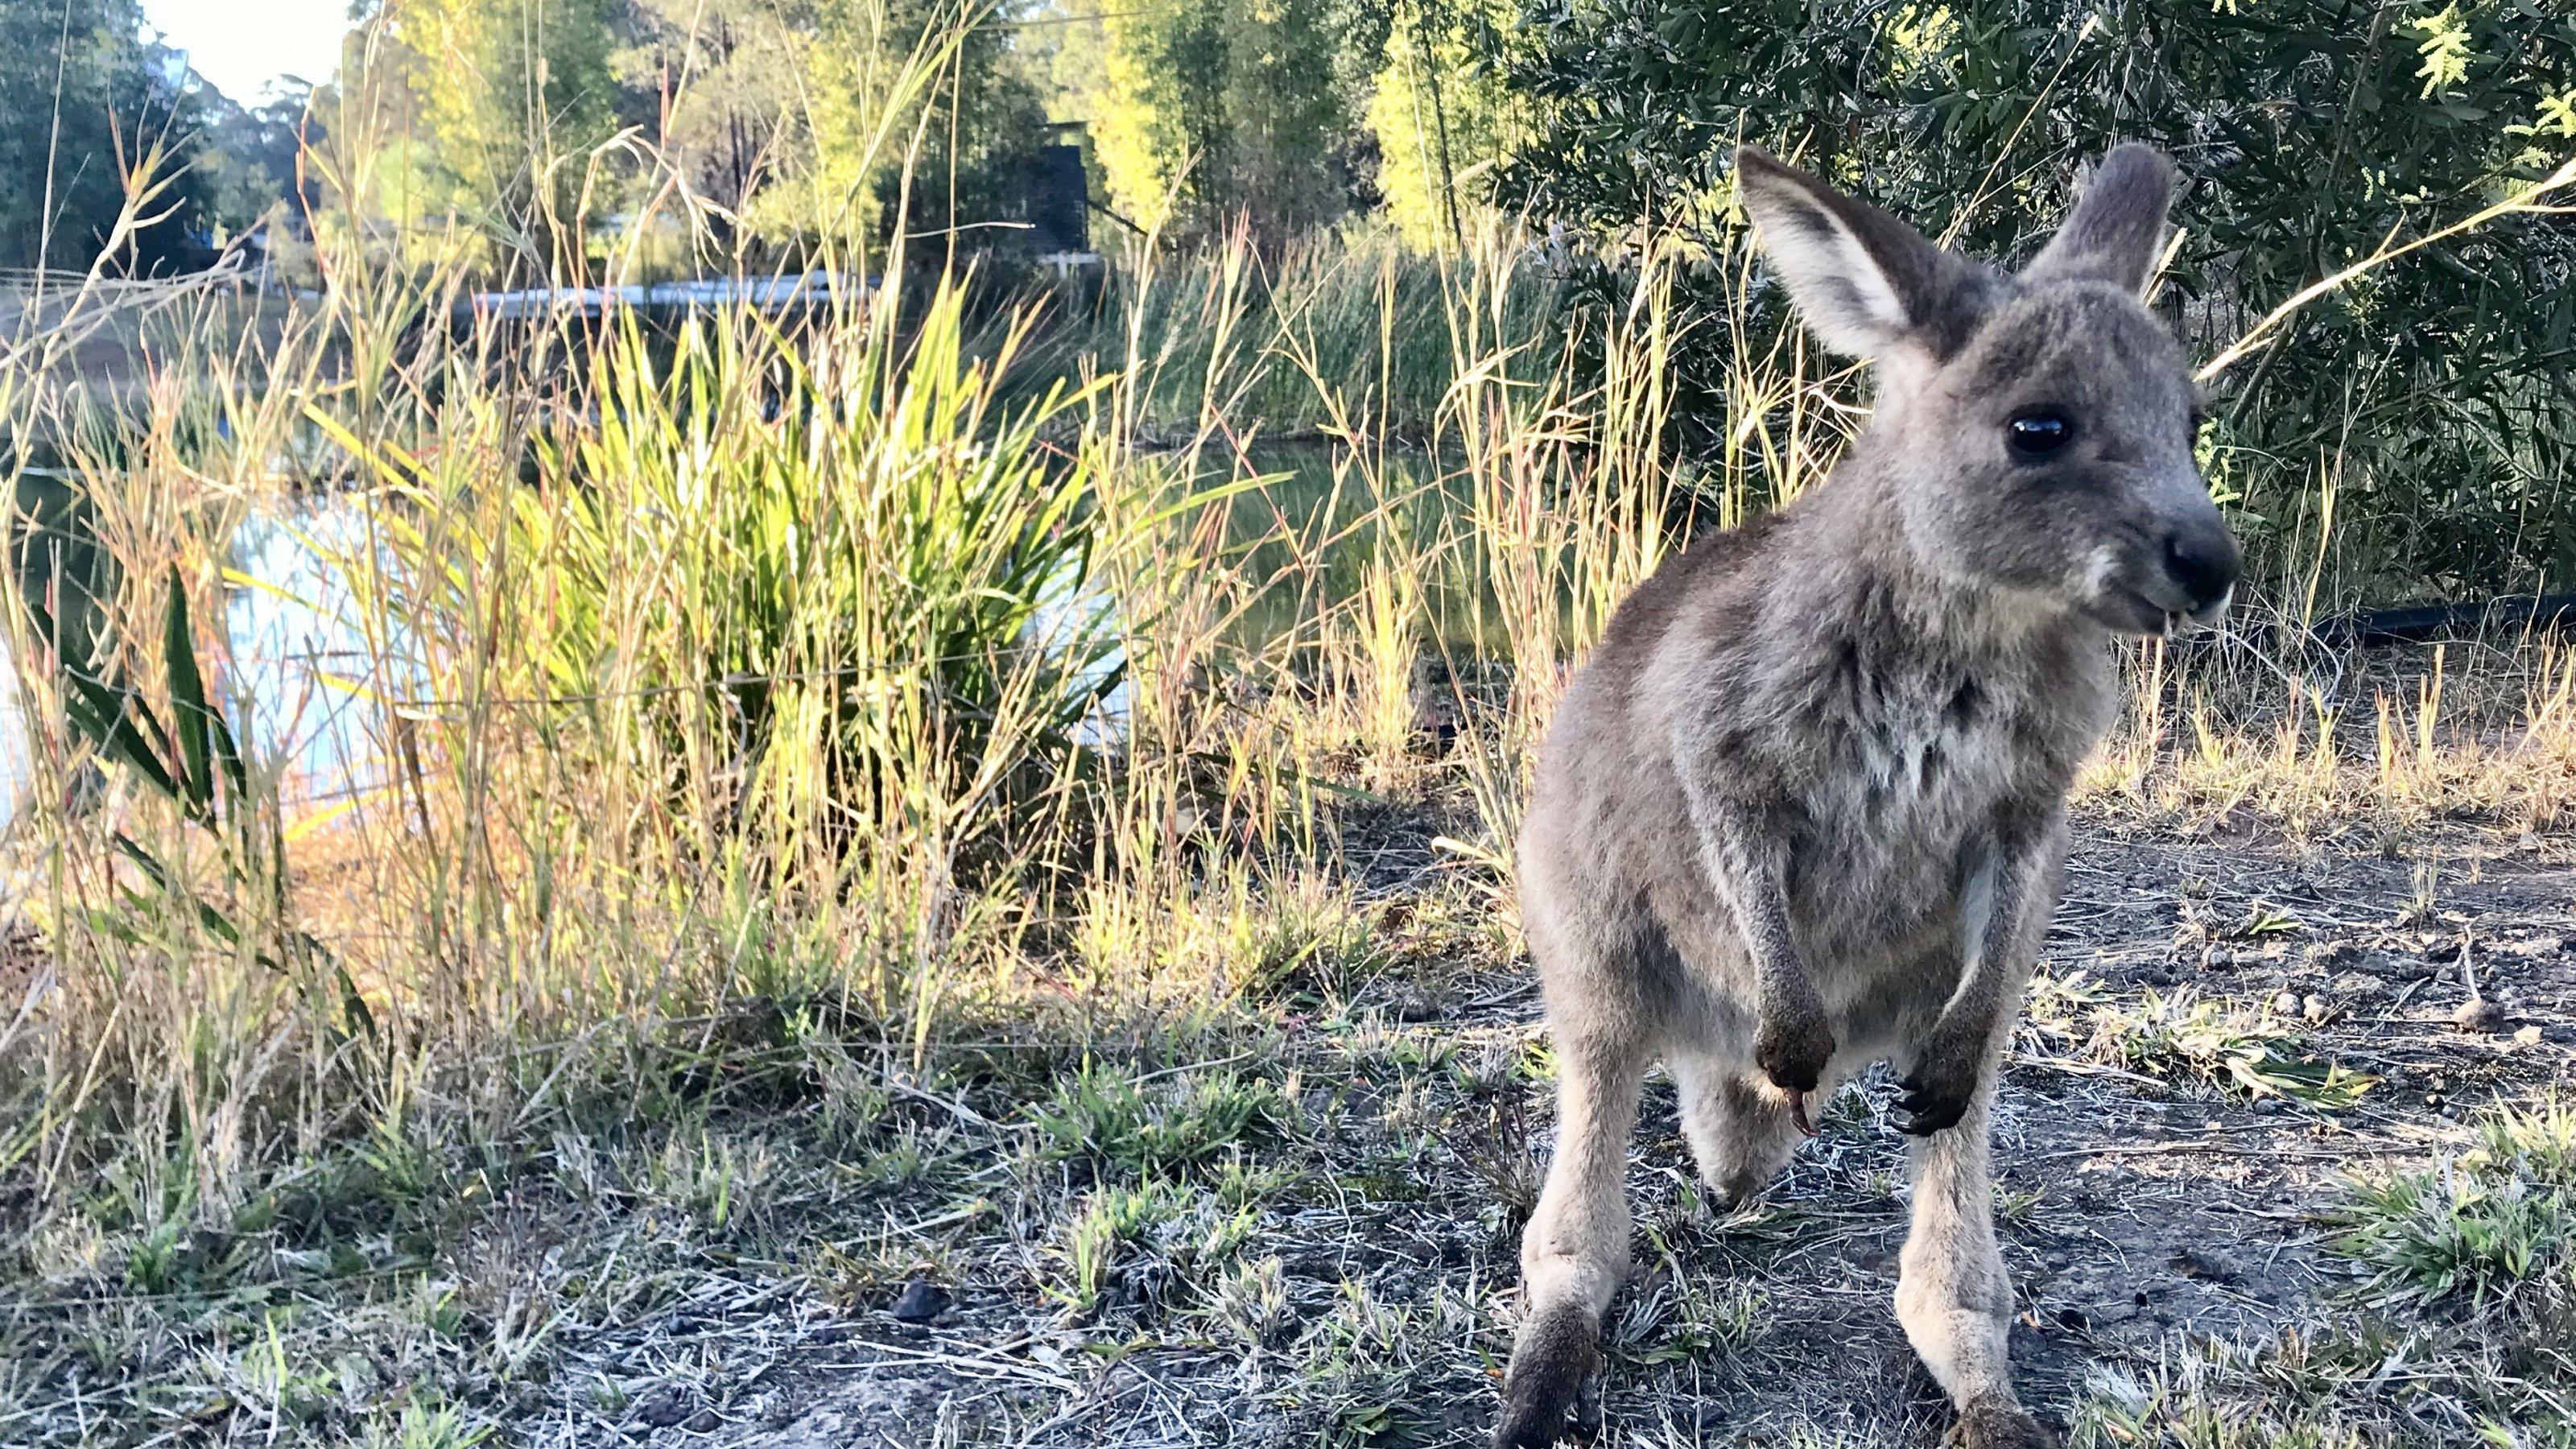 Känguru-Nachwuchs Jo-Jo vor einem kleinen See auf dem Grundstück, auf dem das östliche Riesenkänguru aufgezogen wird. Auf dem Bild ist das Joey etwa sieben Monate alt.